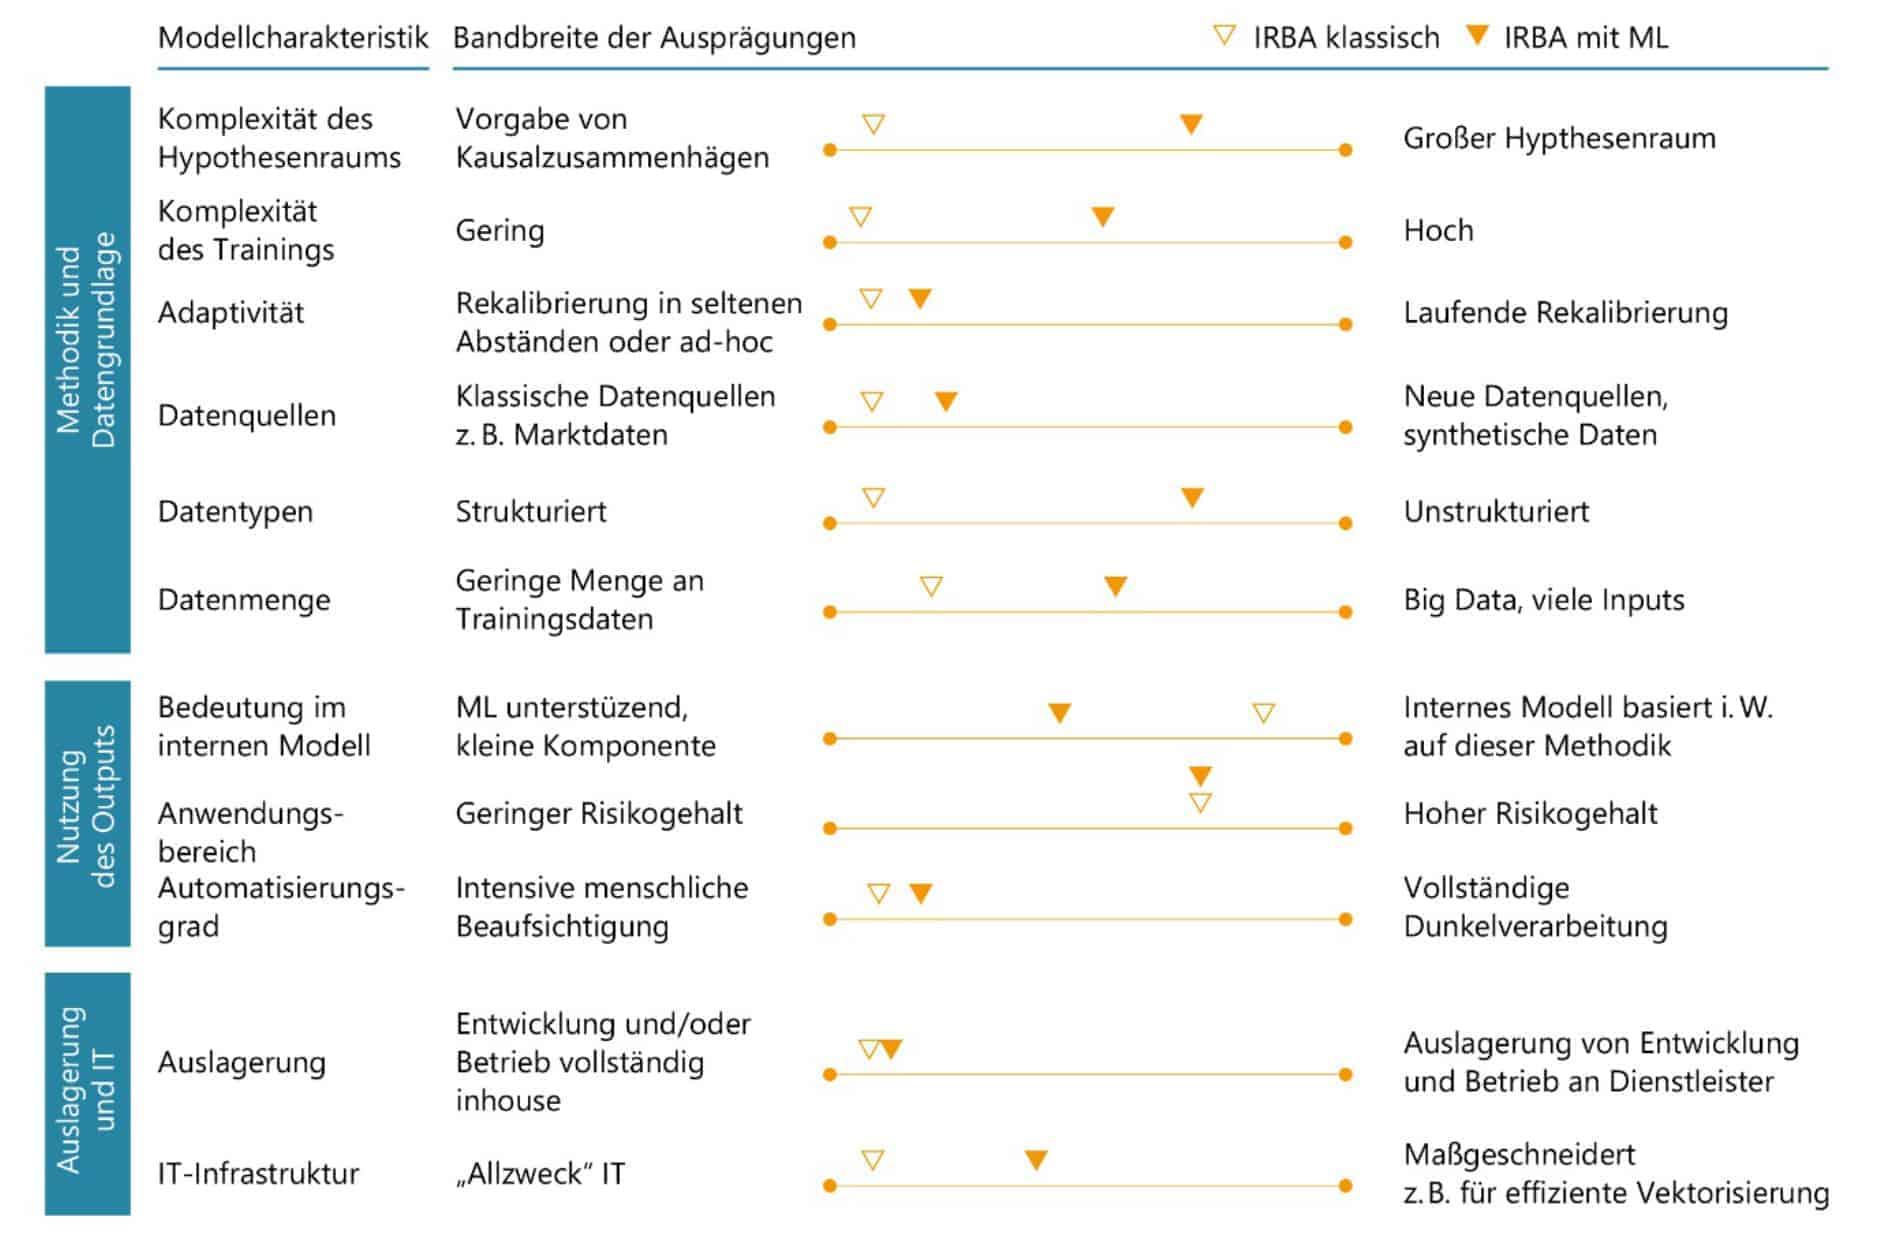 Diese Übersicht zeigt, dass bei manchen IRBA-Ratingverfahren enorme Unterschiede bestehen, je nachdem ob sie mit oder ohne Machine Learning durchgeführt werden. <Q>Deutsche Bundesbank, BaFin